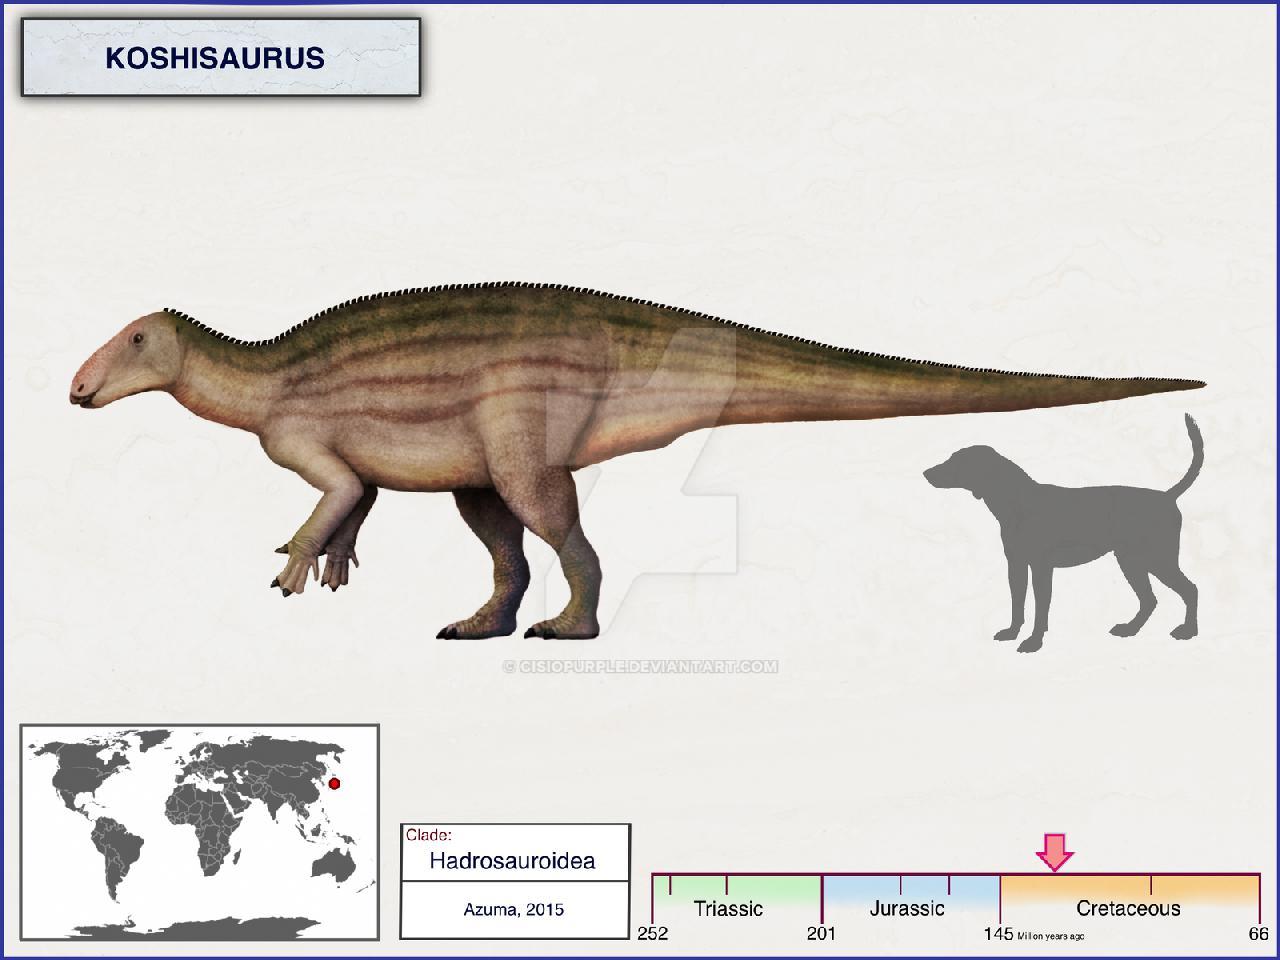 Koshisaurus